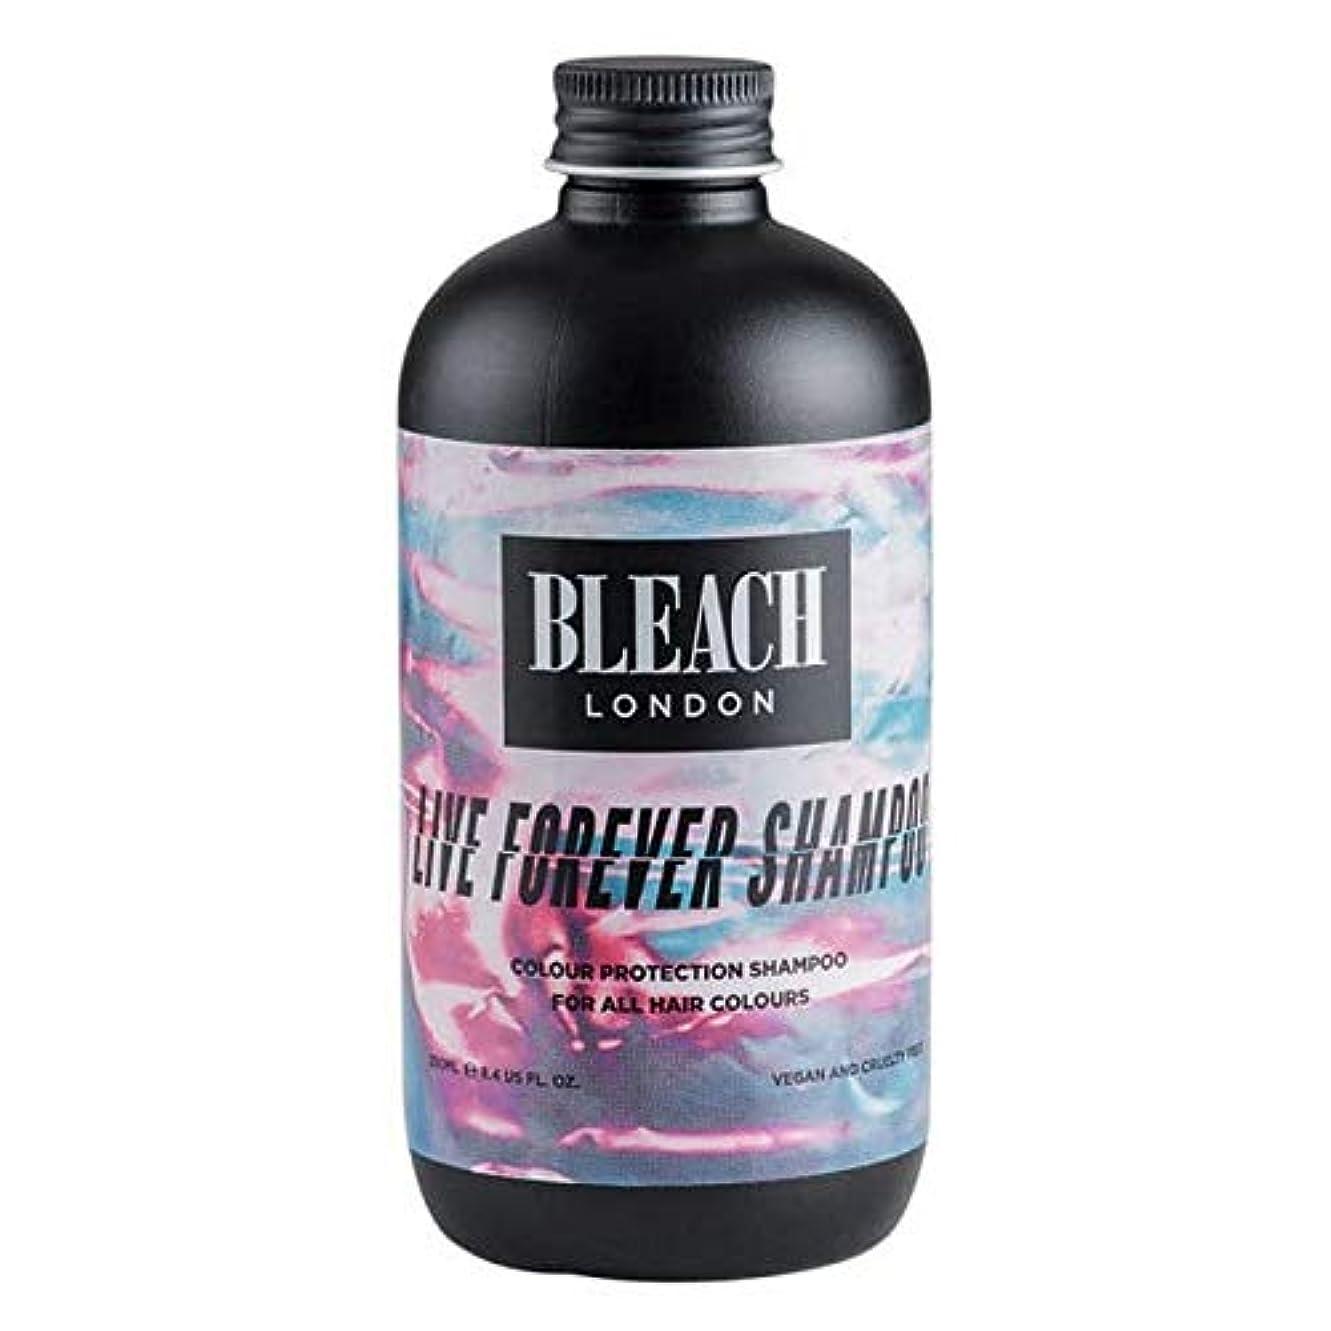 締め切り魅力移住する[Bleach London ] 漂白ロンドン永遠シャンプー250ミリリットルを生きます - Bleach London Live Forever Shampoo 250ml [並行輸入品]